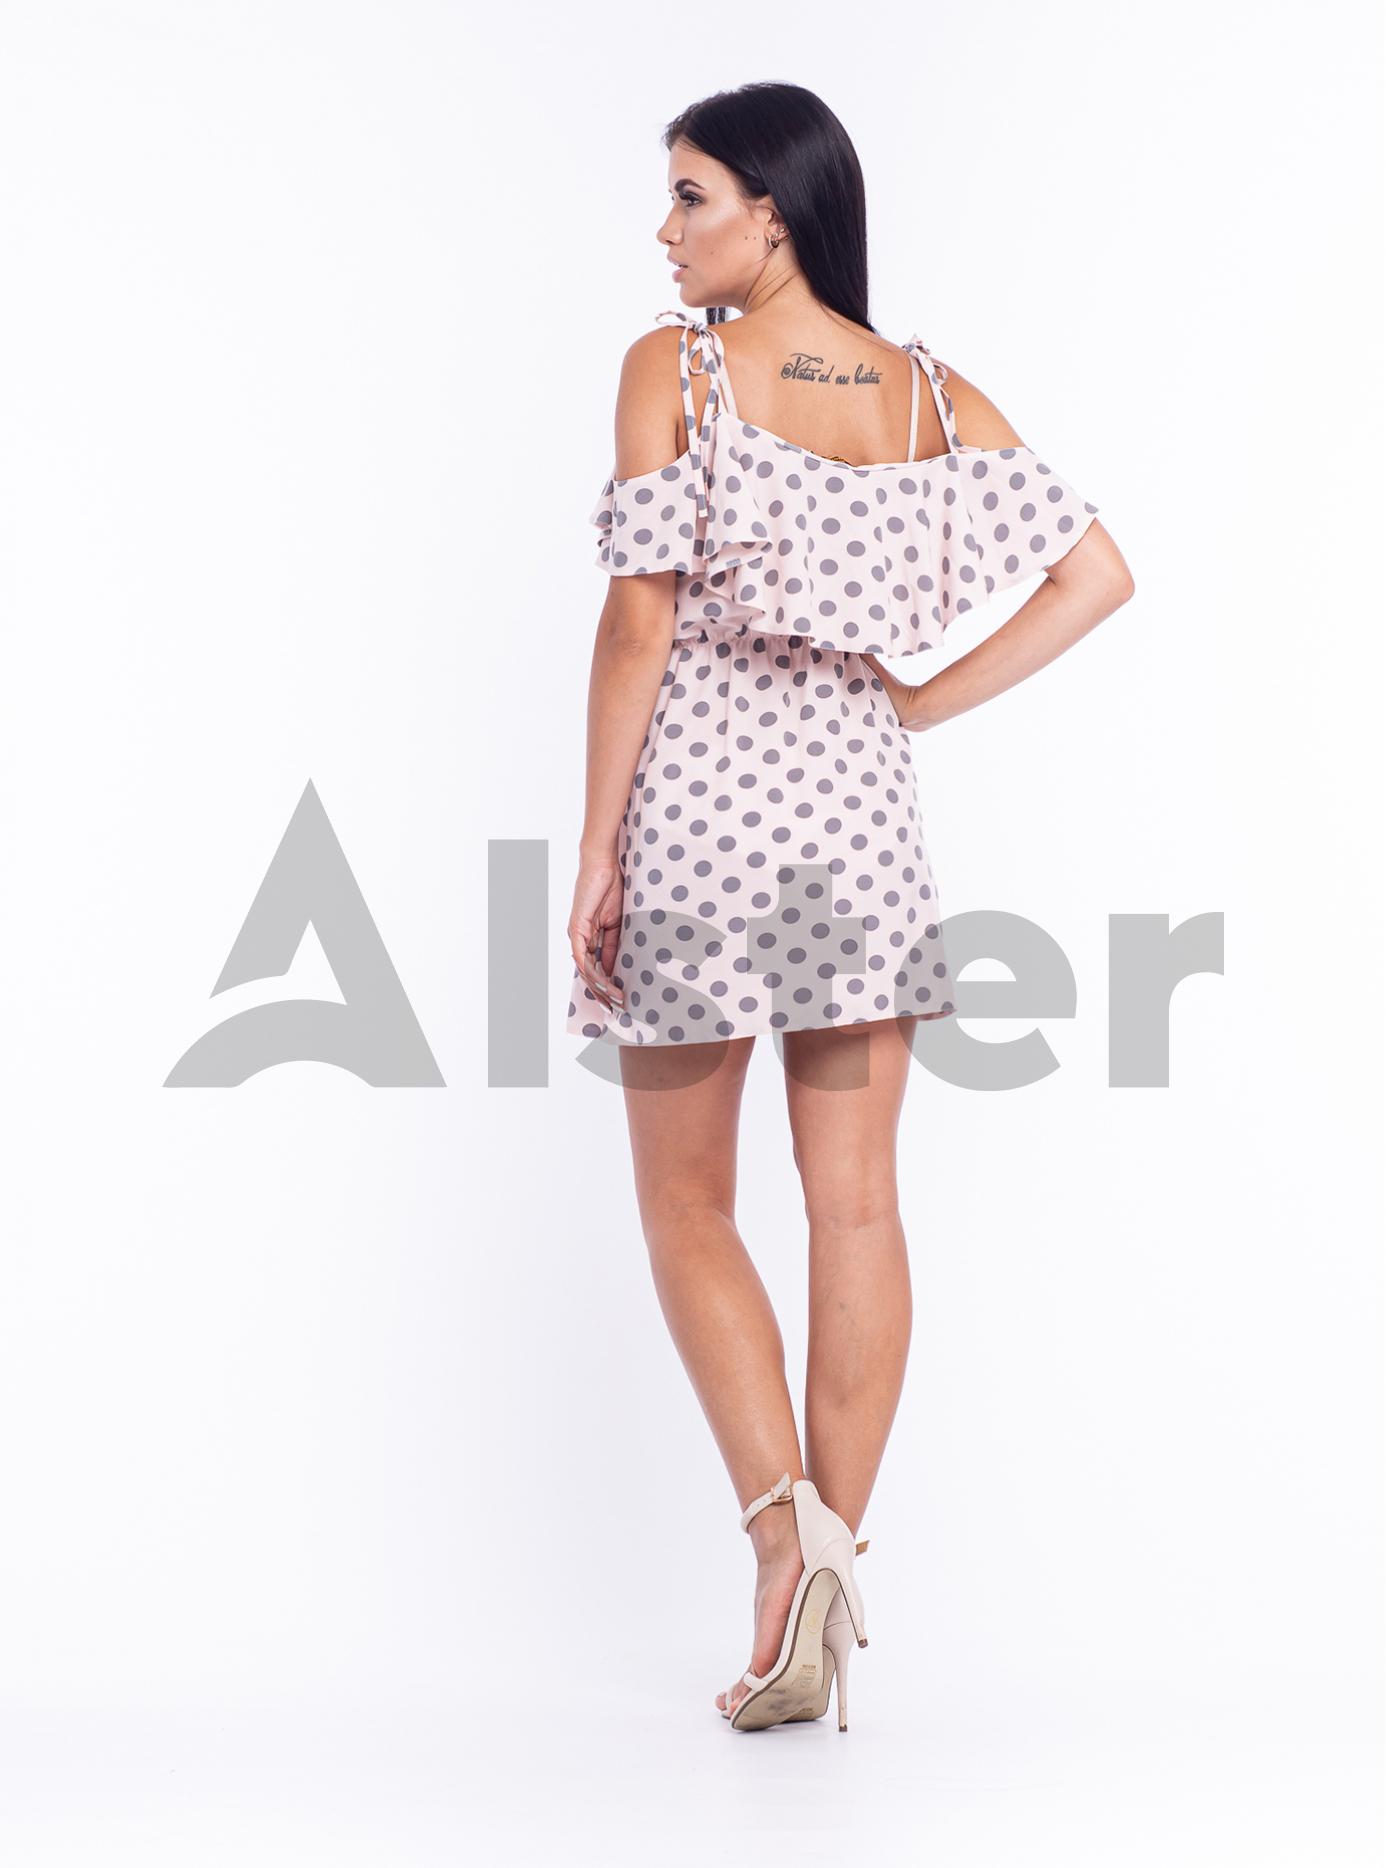 Платье Volan Светло розовый 44 (04-8987960): фото - Alster.ua